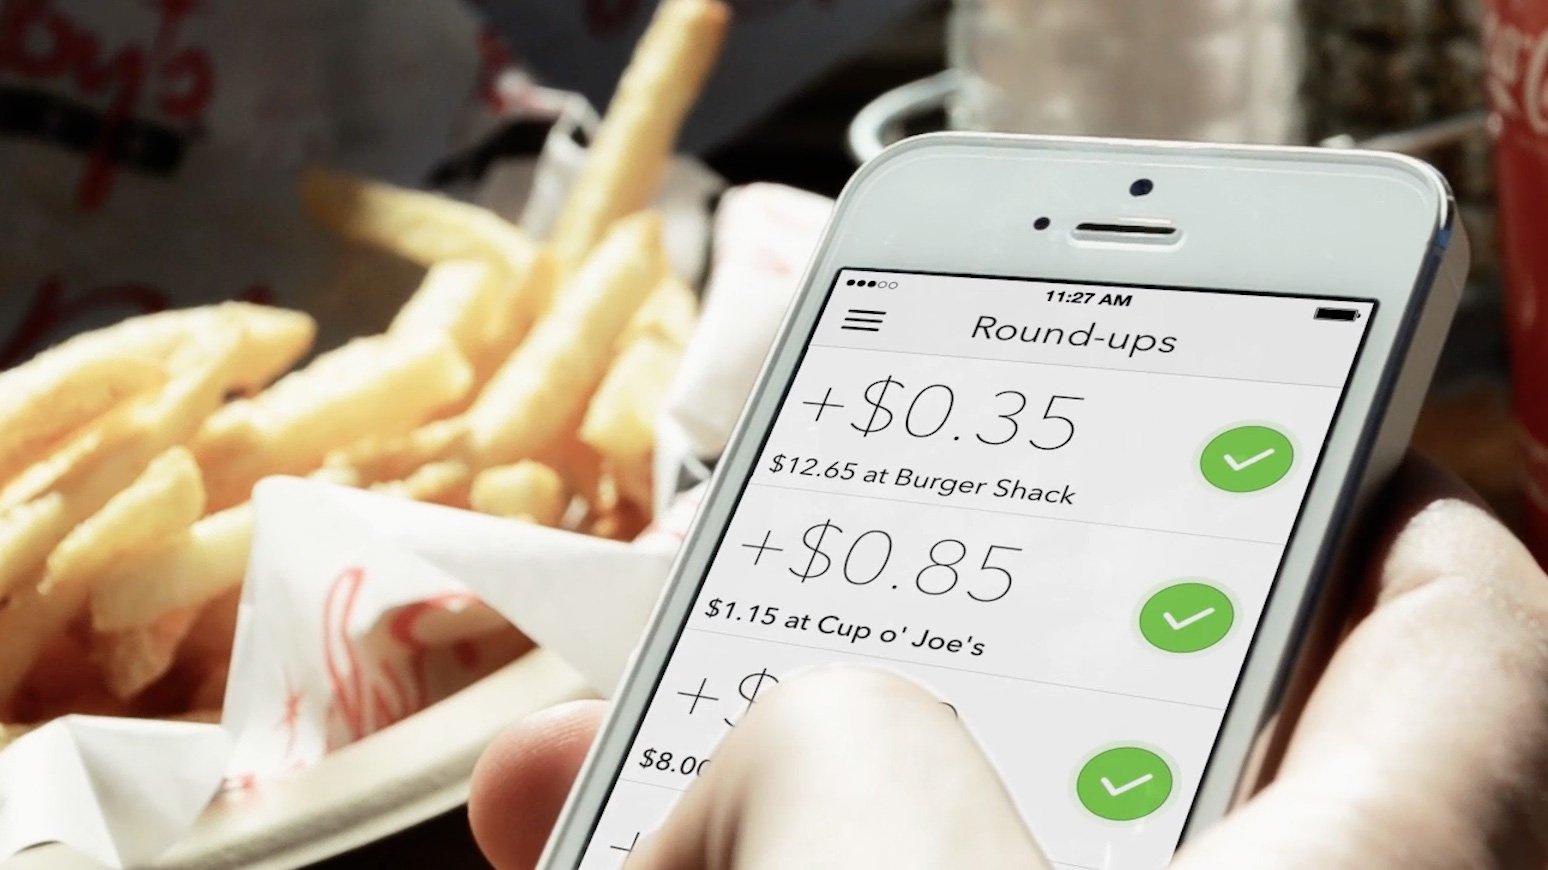 Acorns App - Round-ups